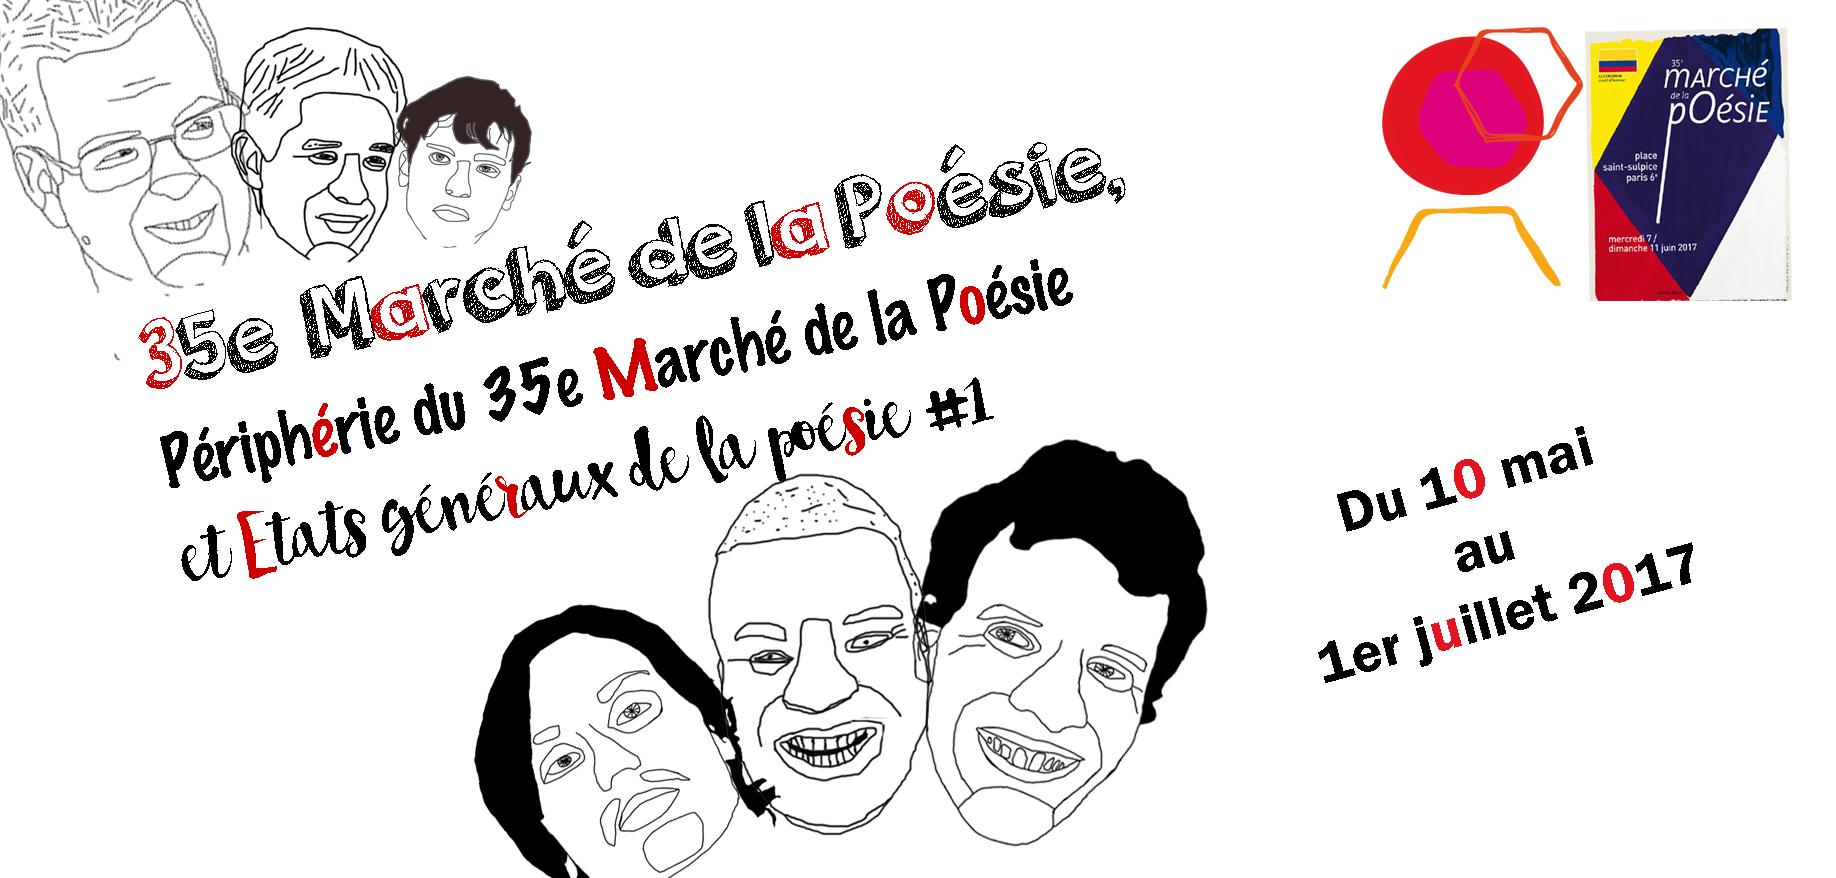 Le marché de la poésie Du 10 mai au 1er juillet